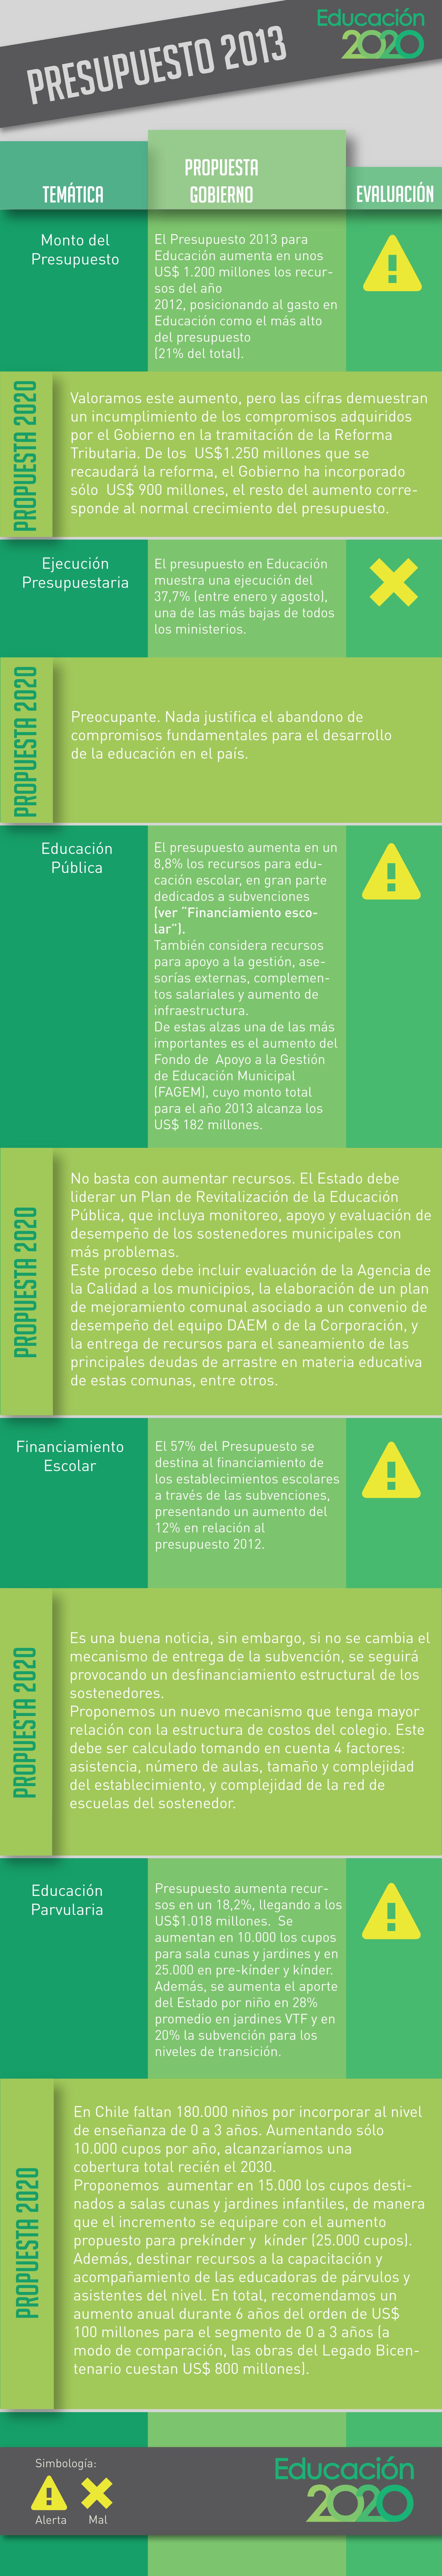 presupuesto2013-web2